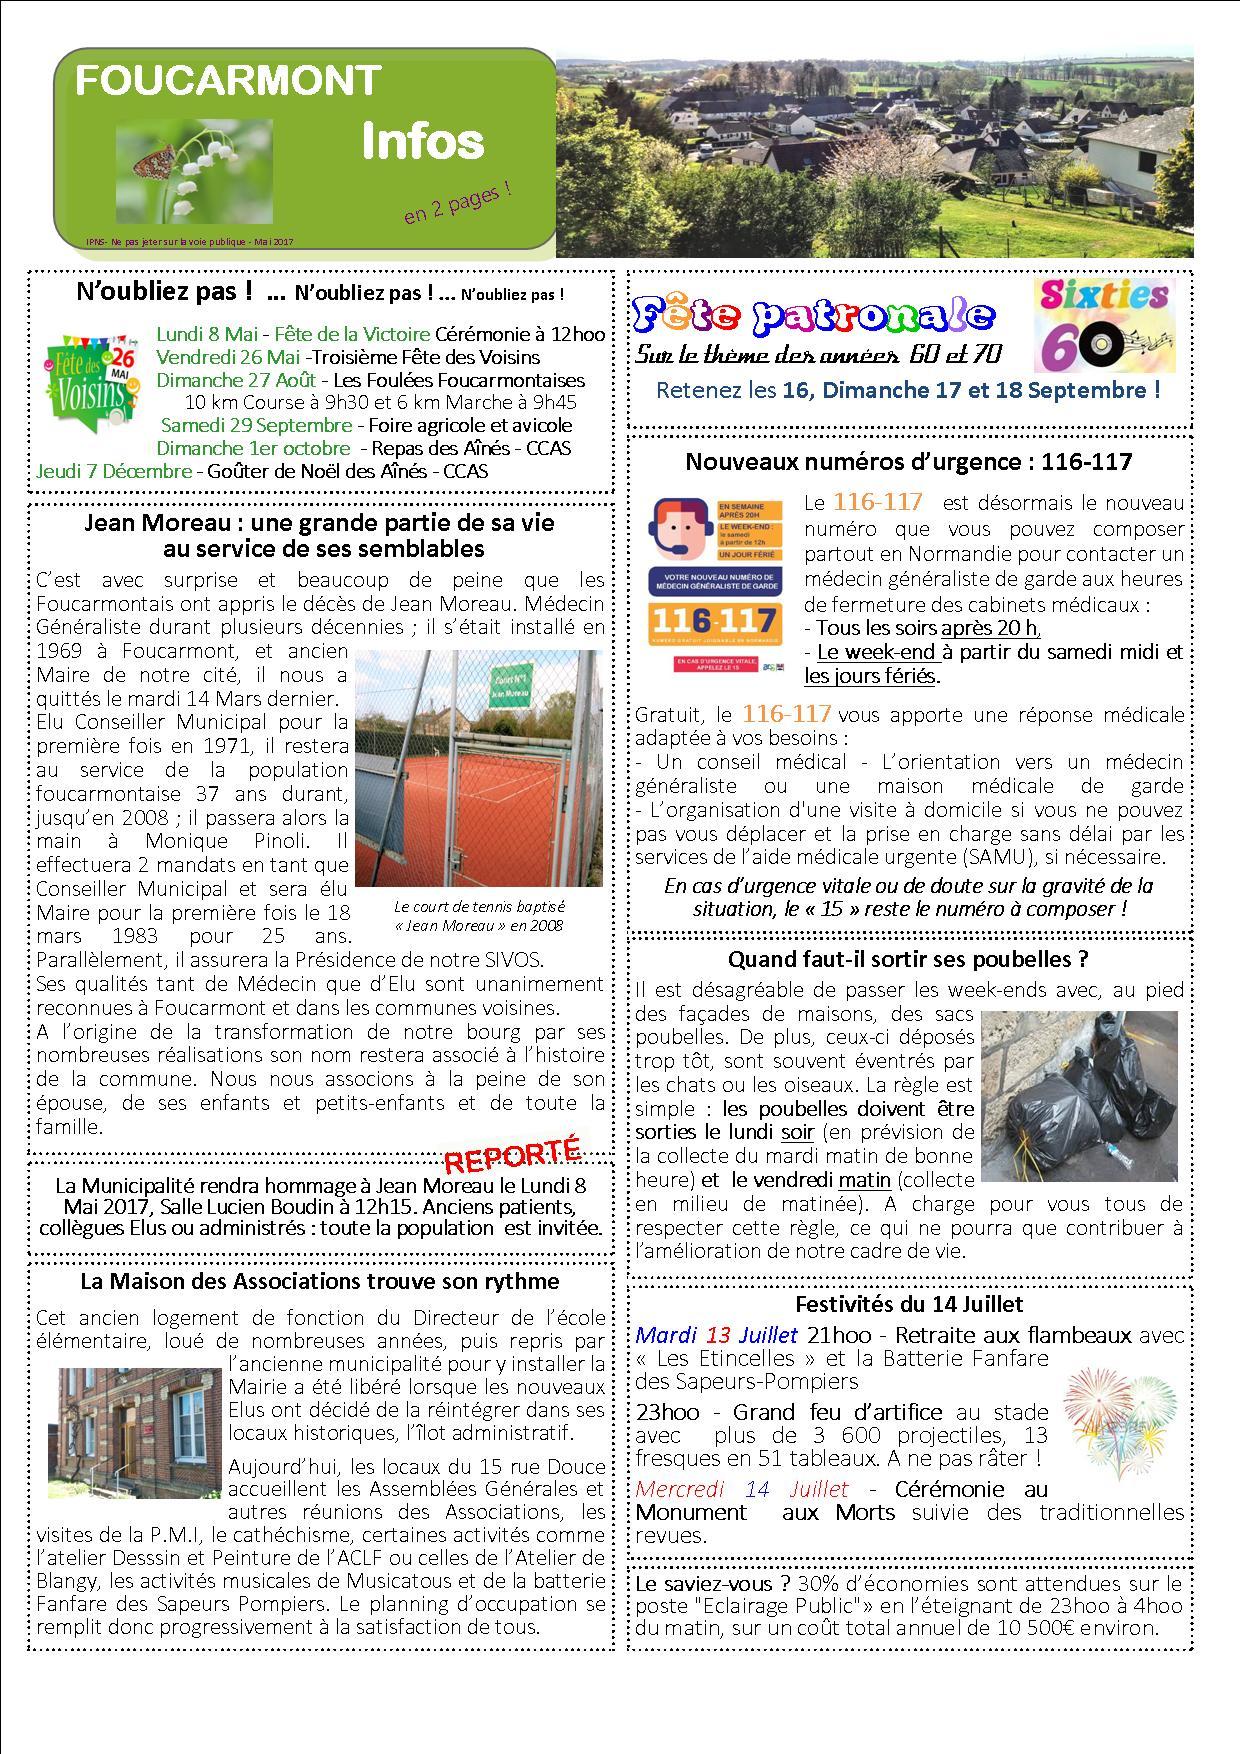 Infos 05 2017 Blog